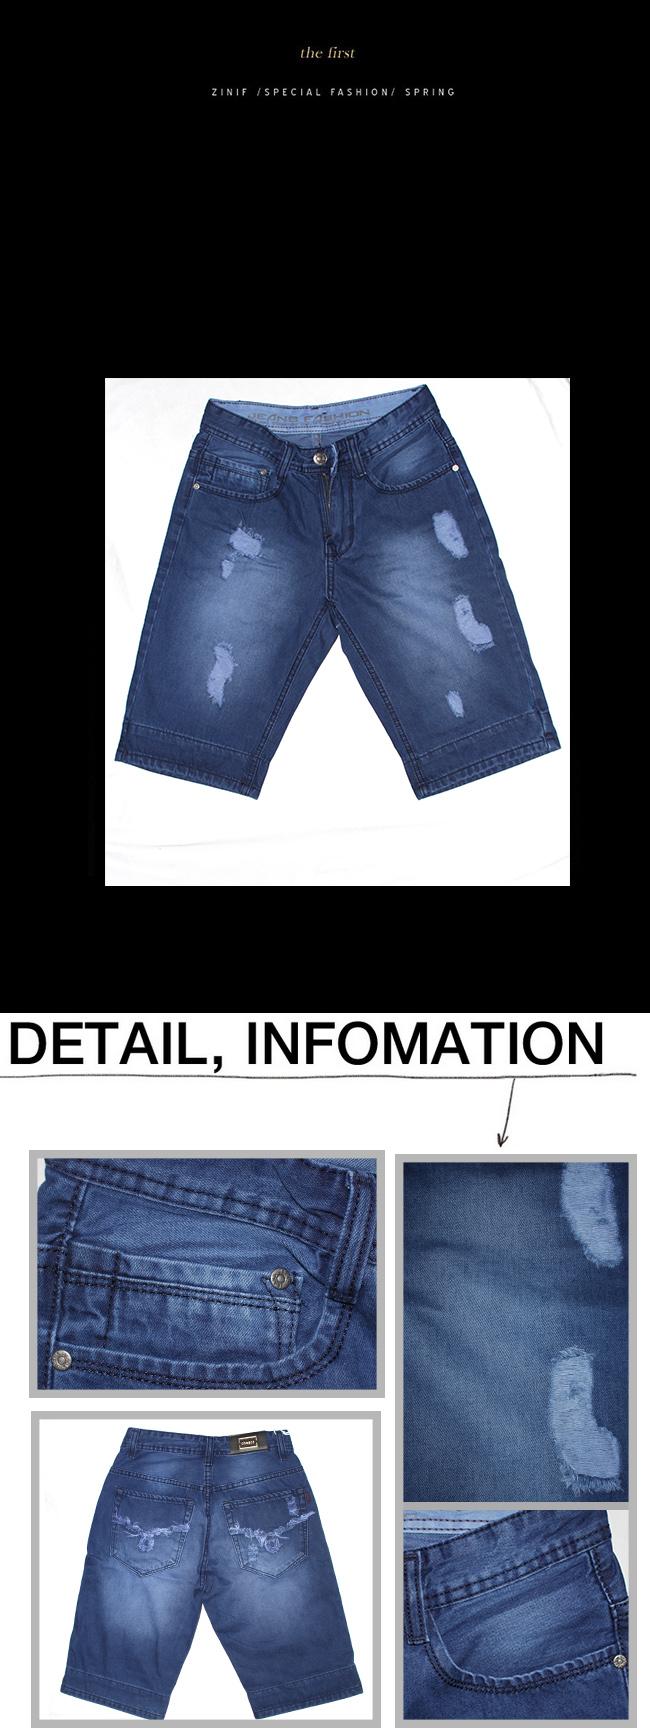 Quần short jeans xanh dương qj1117 - 1